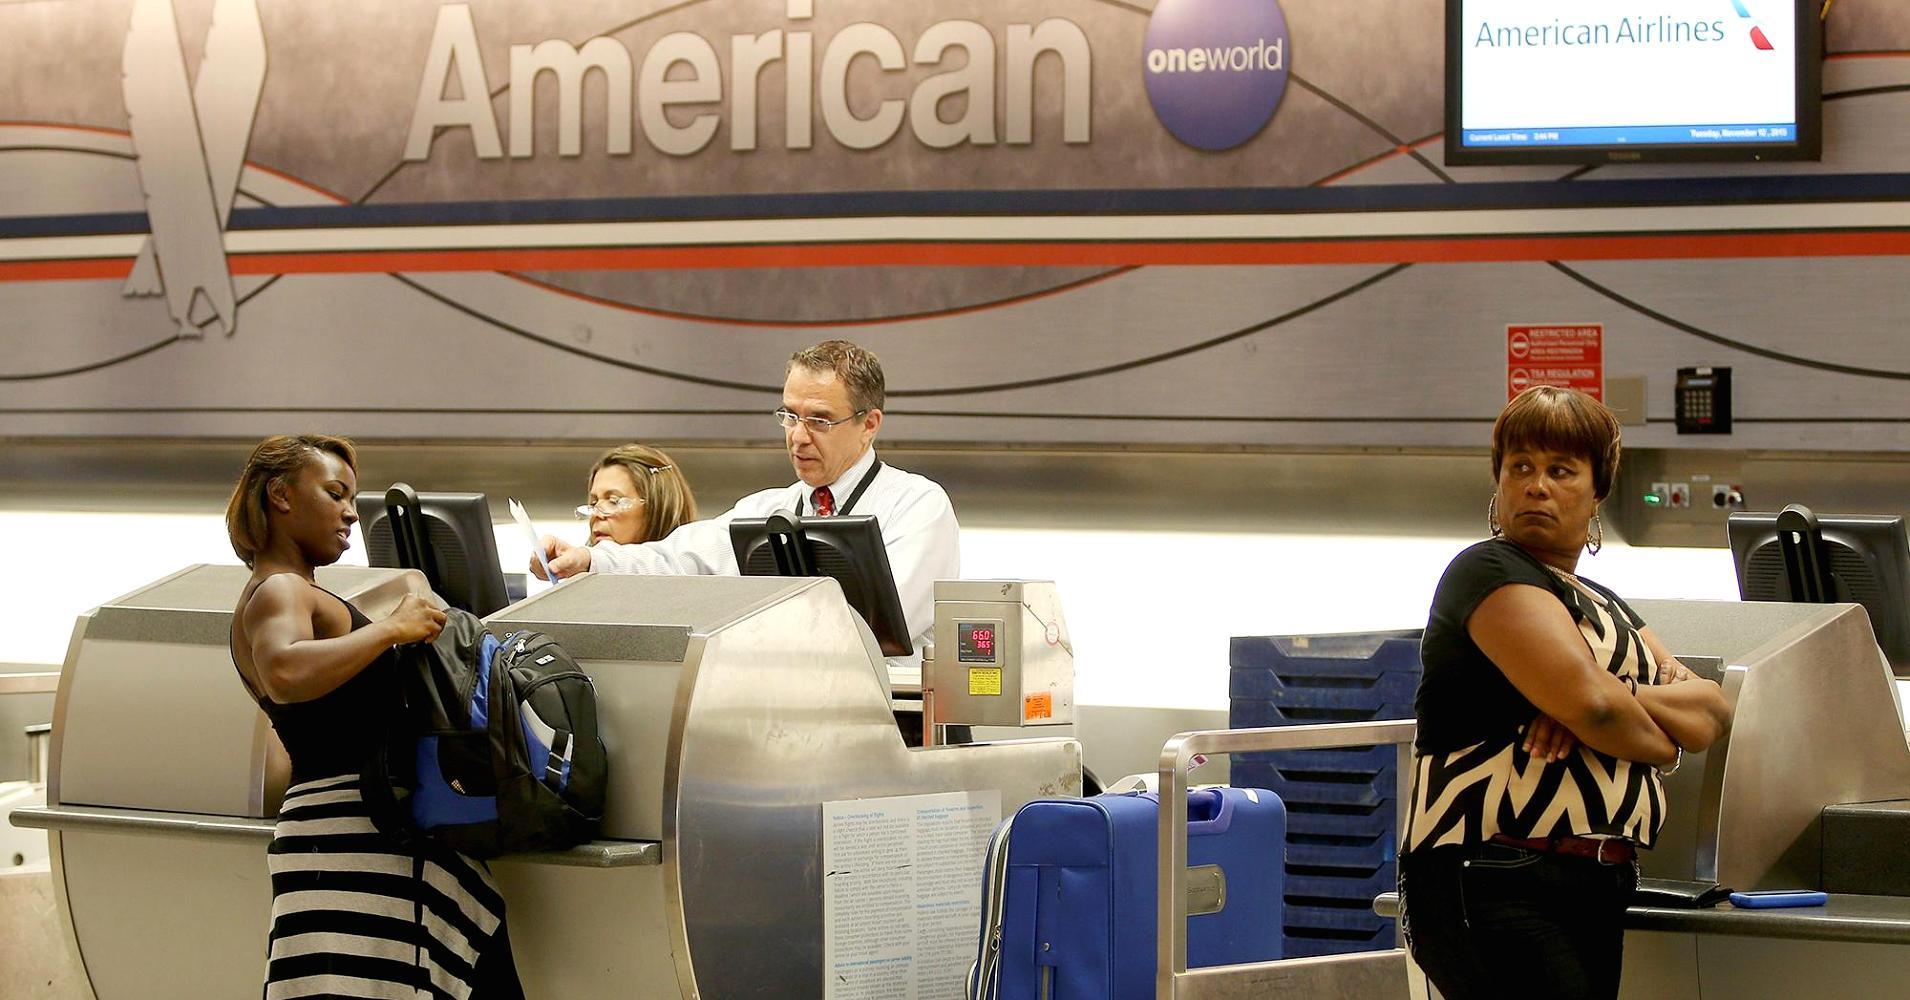 Alertan trato racista de American Airlines hacia viajeros